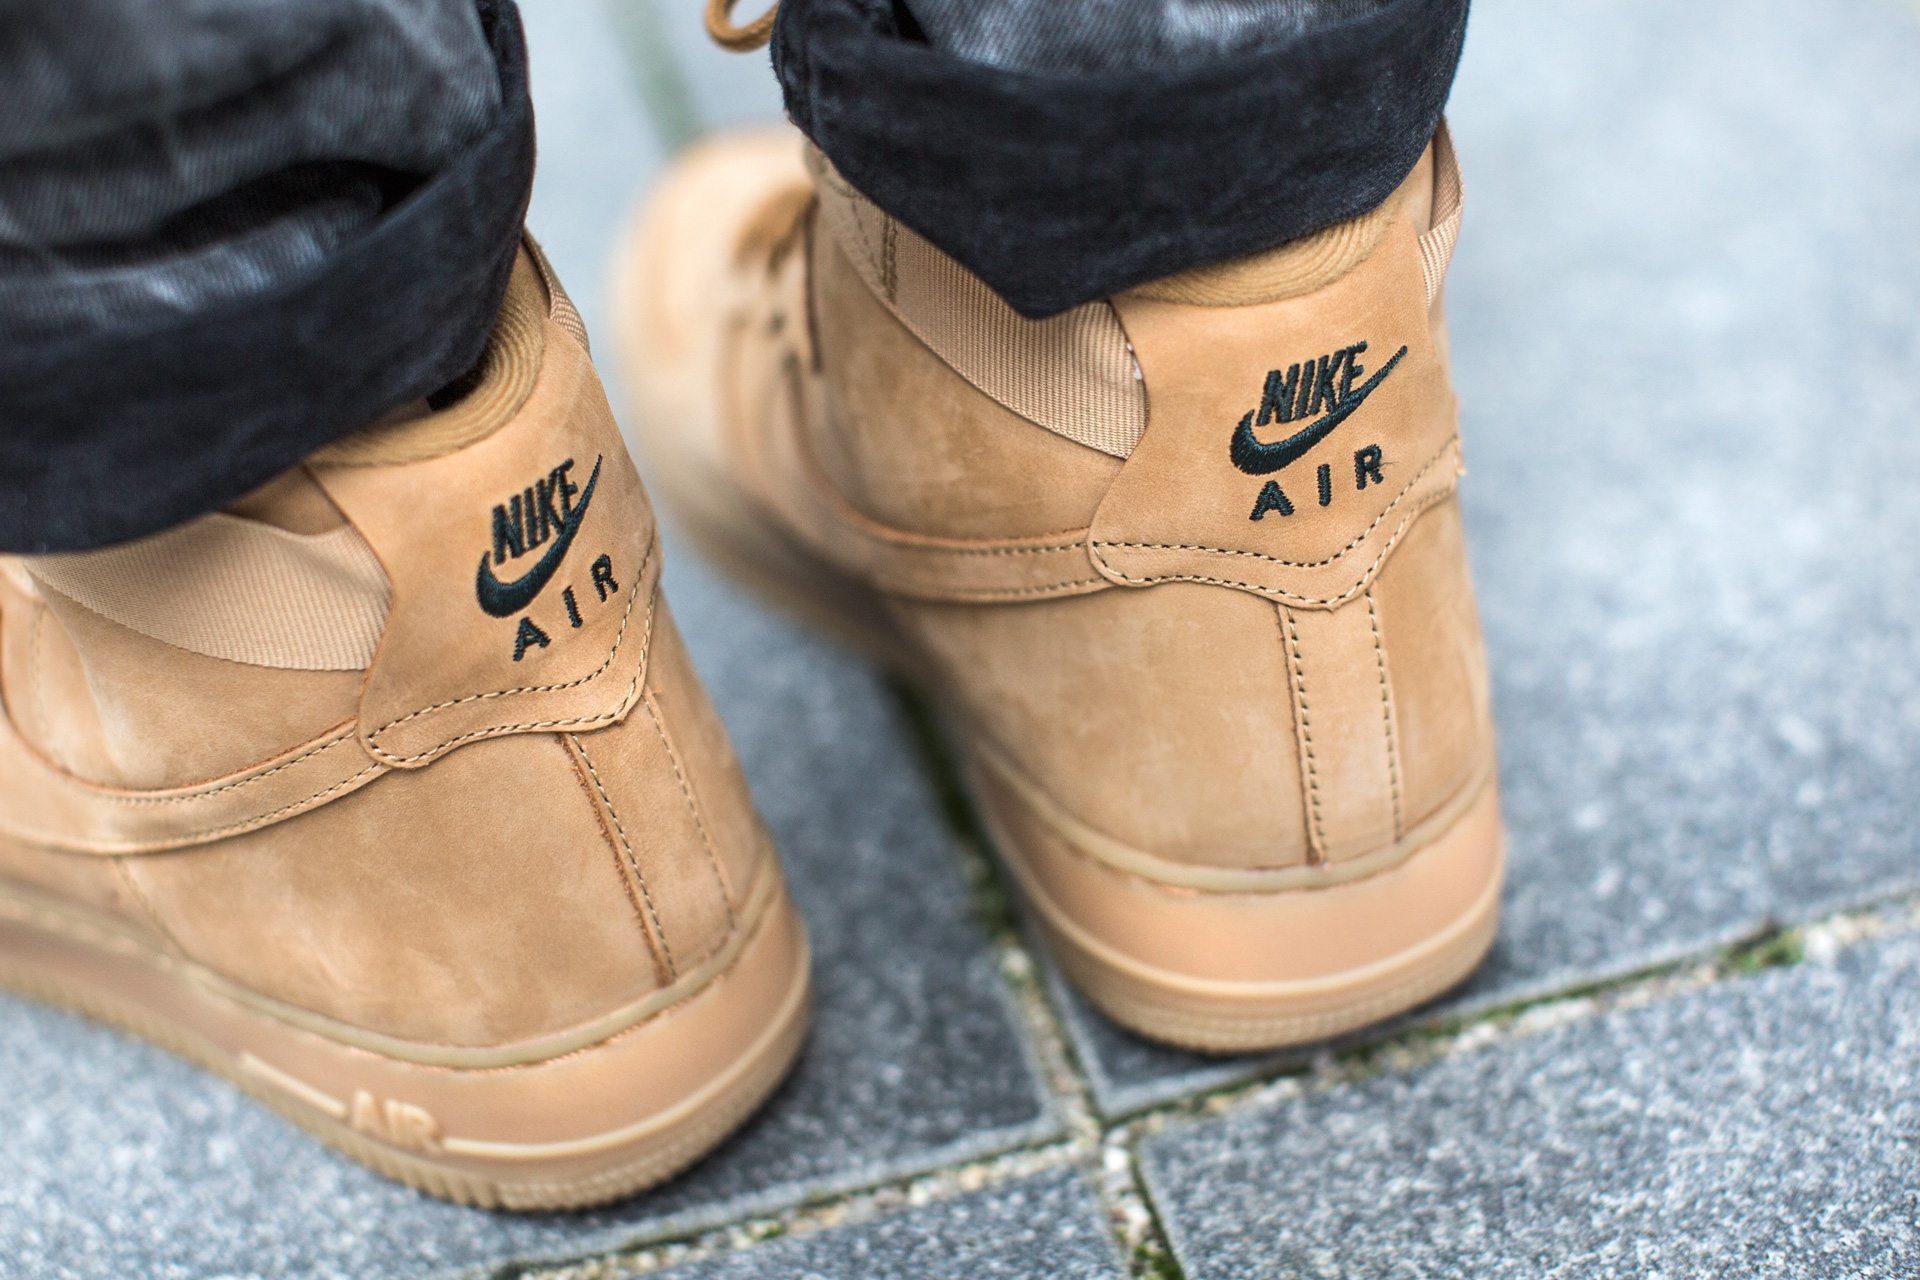 Nike Air Force 1 High Flax 3